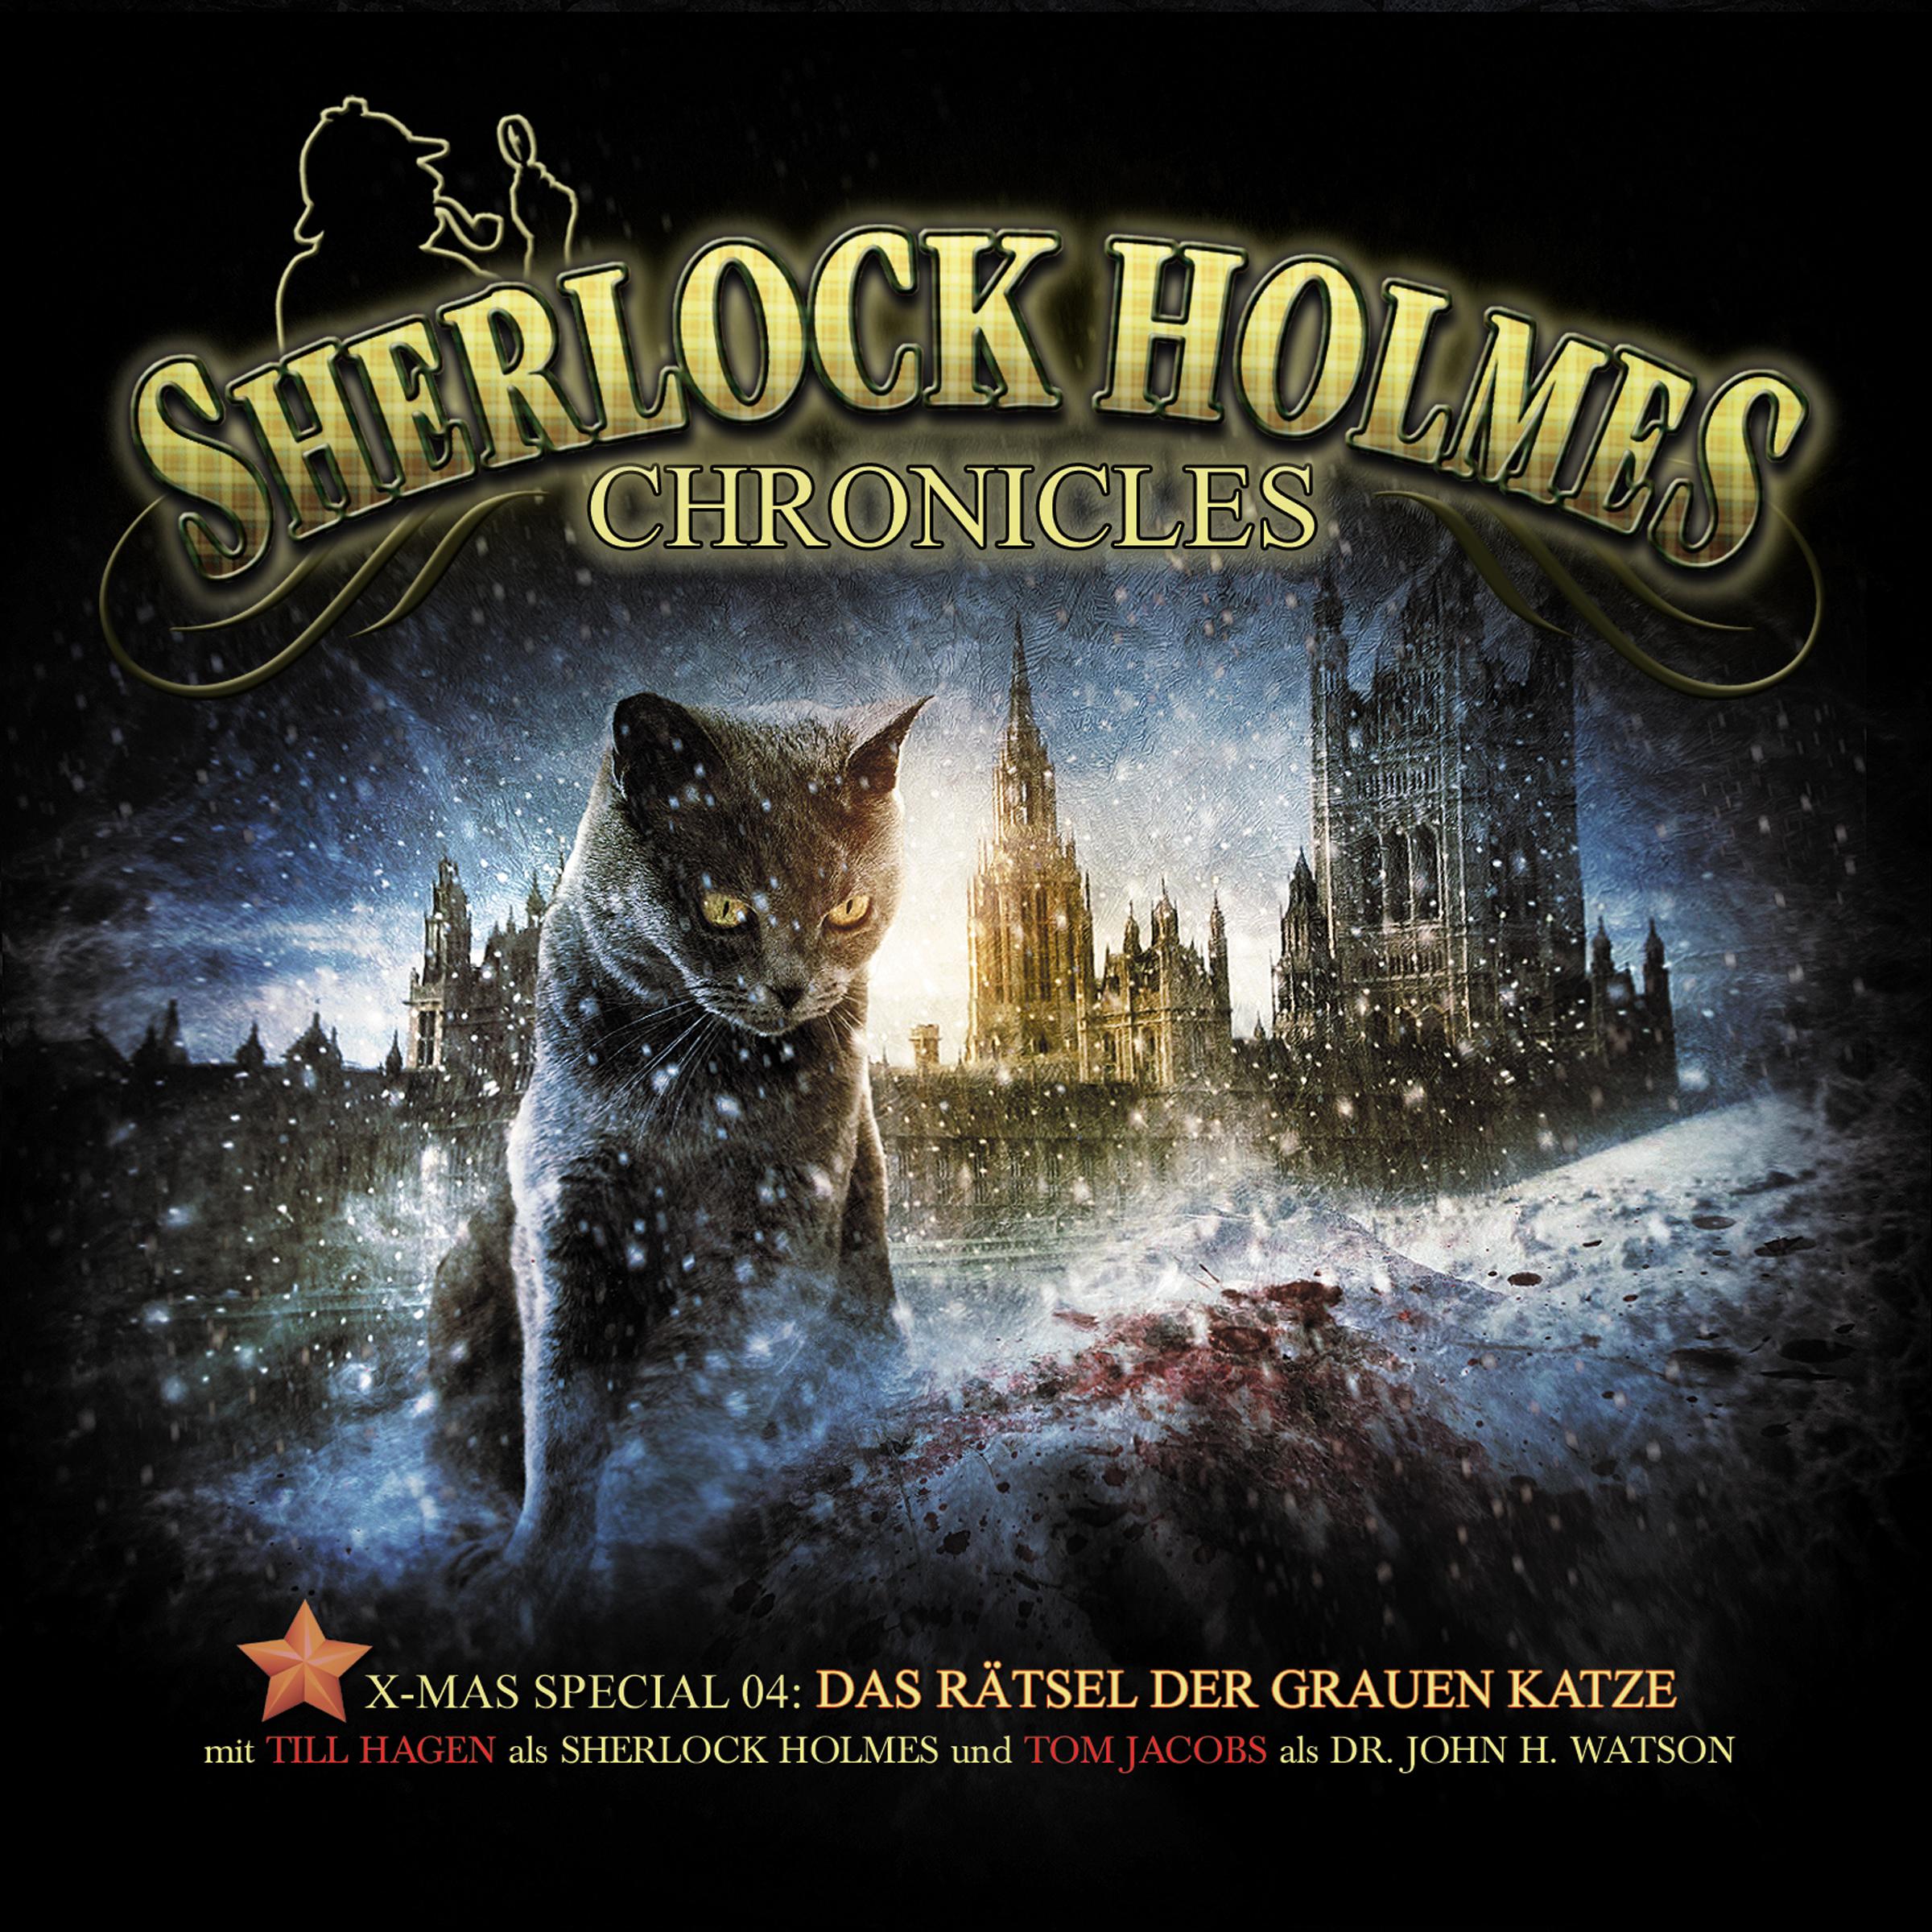 X-Mas Special – Sherlock Holmes Chronicles – Winterzeit